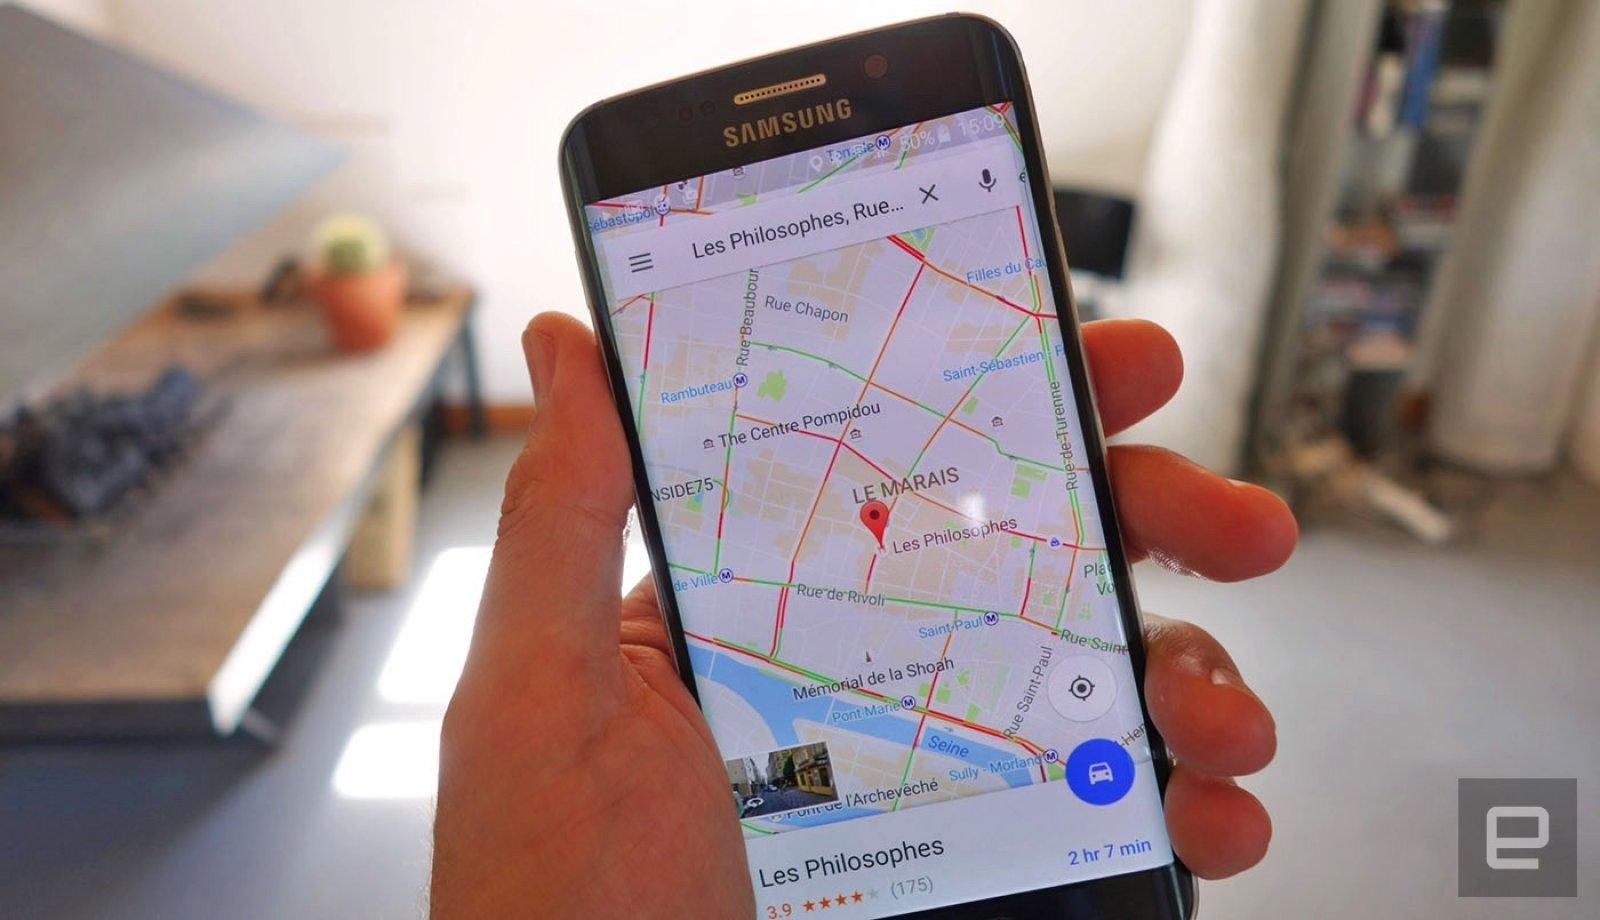 ВGoogle Maps сейчас можно сообщить уровень заряда аккумулятора телефона